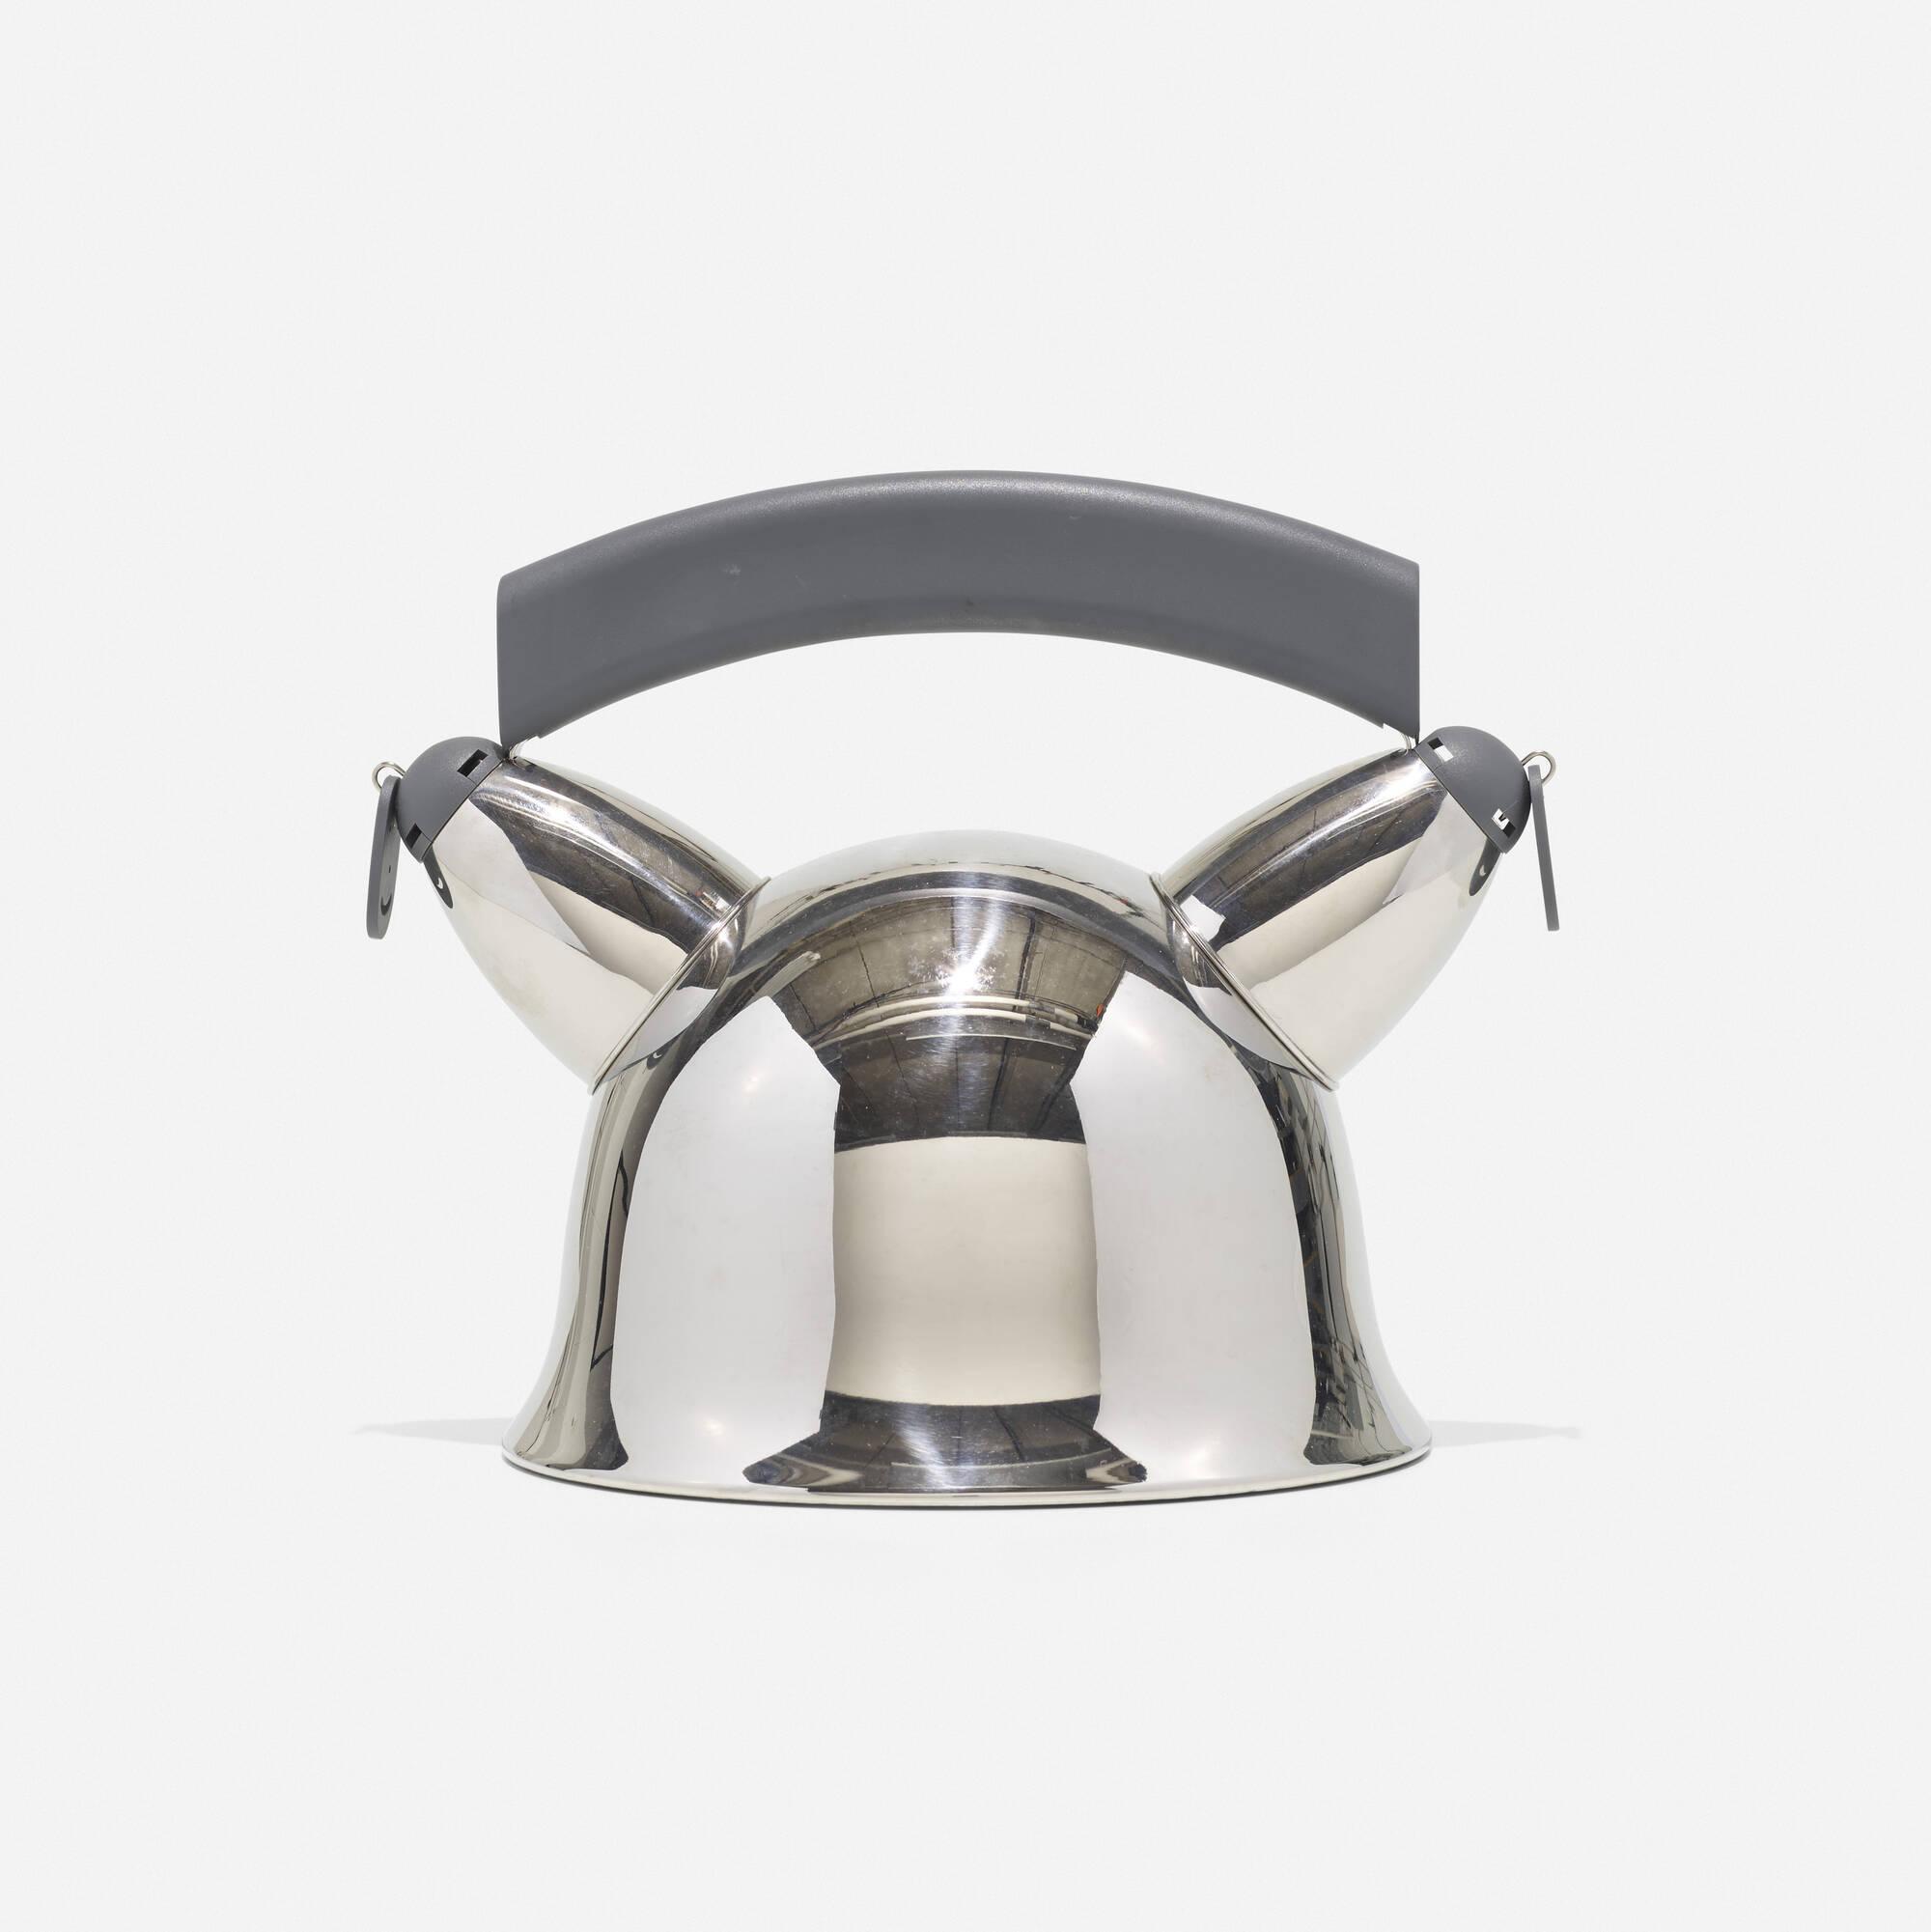 285: Andrea Branzi / Mama-O tea kettle (1 of 2)